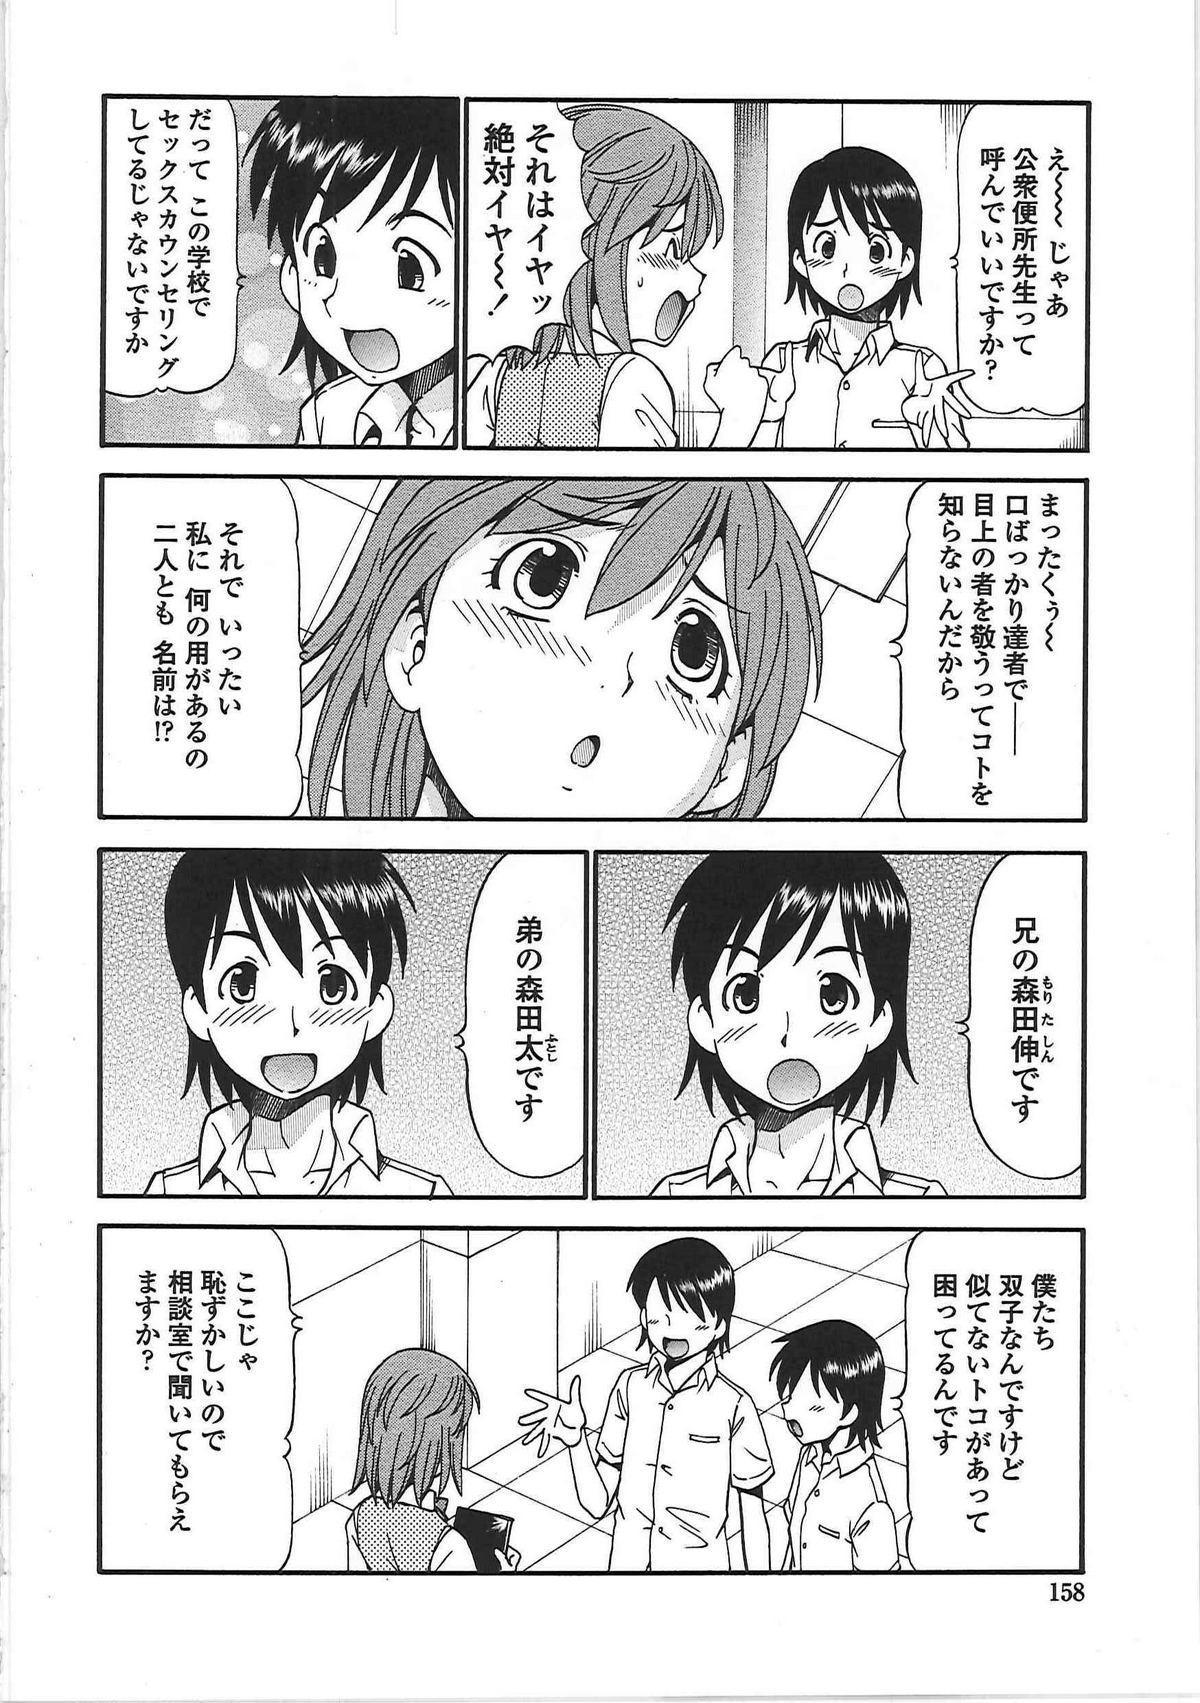 Hentai Iinchou 162